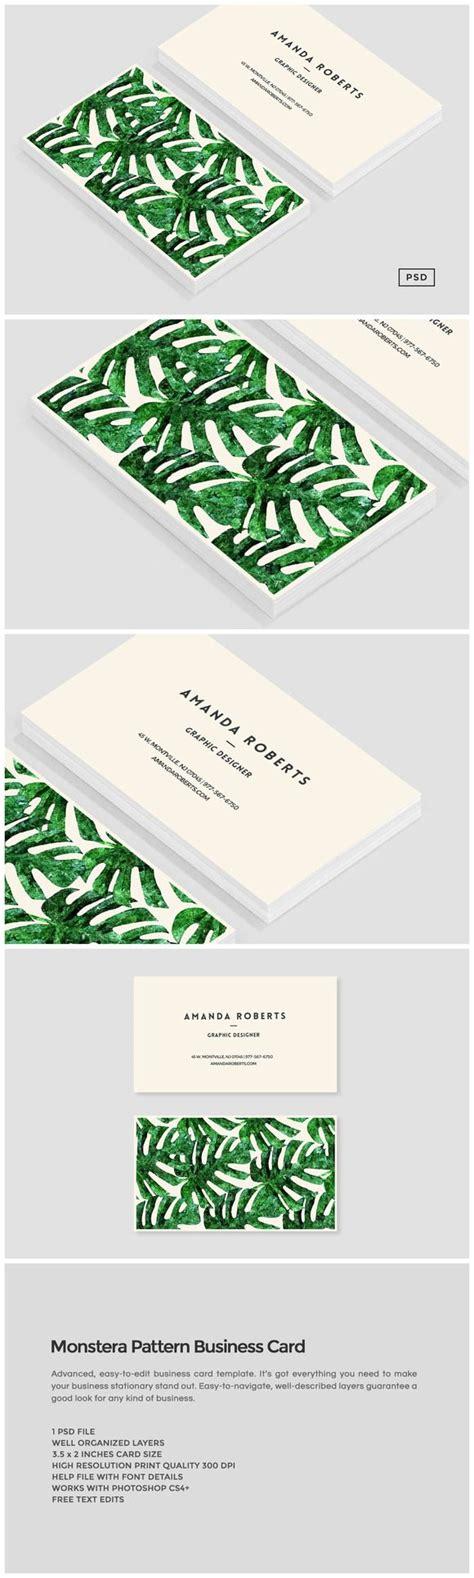 business card template https brandpacks wxqzx die besten 25 visitenkarten vorlagen kostenlos ideen auf